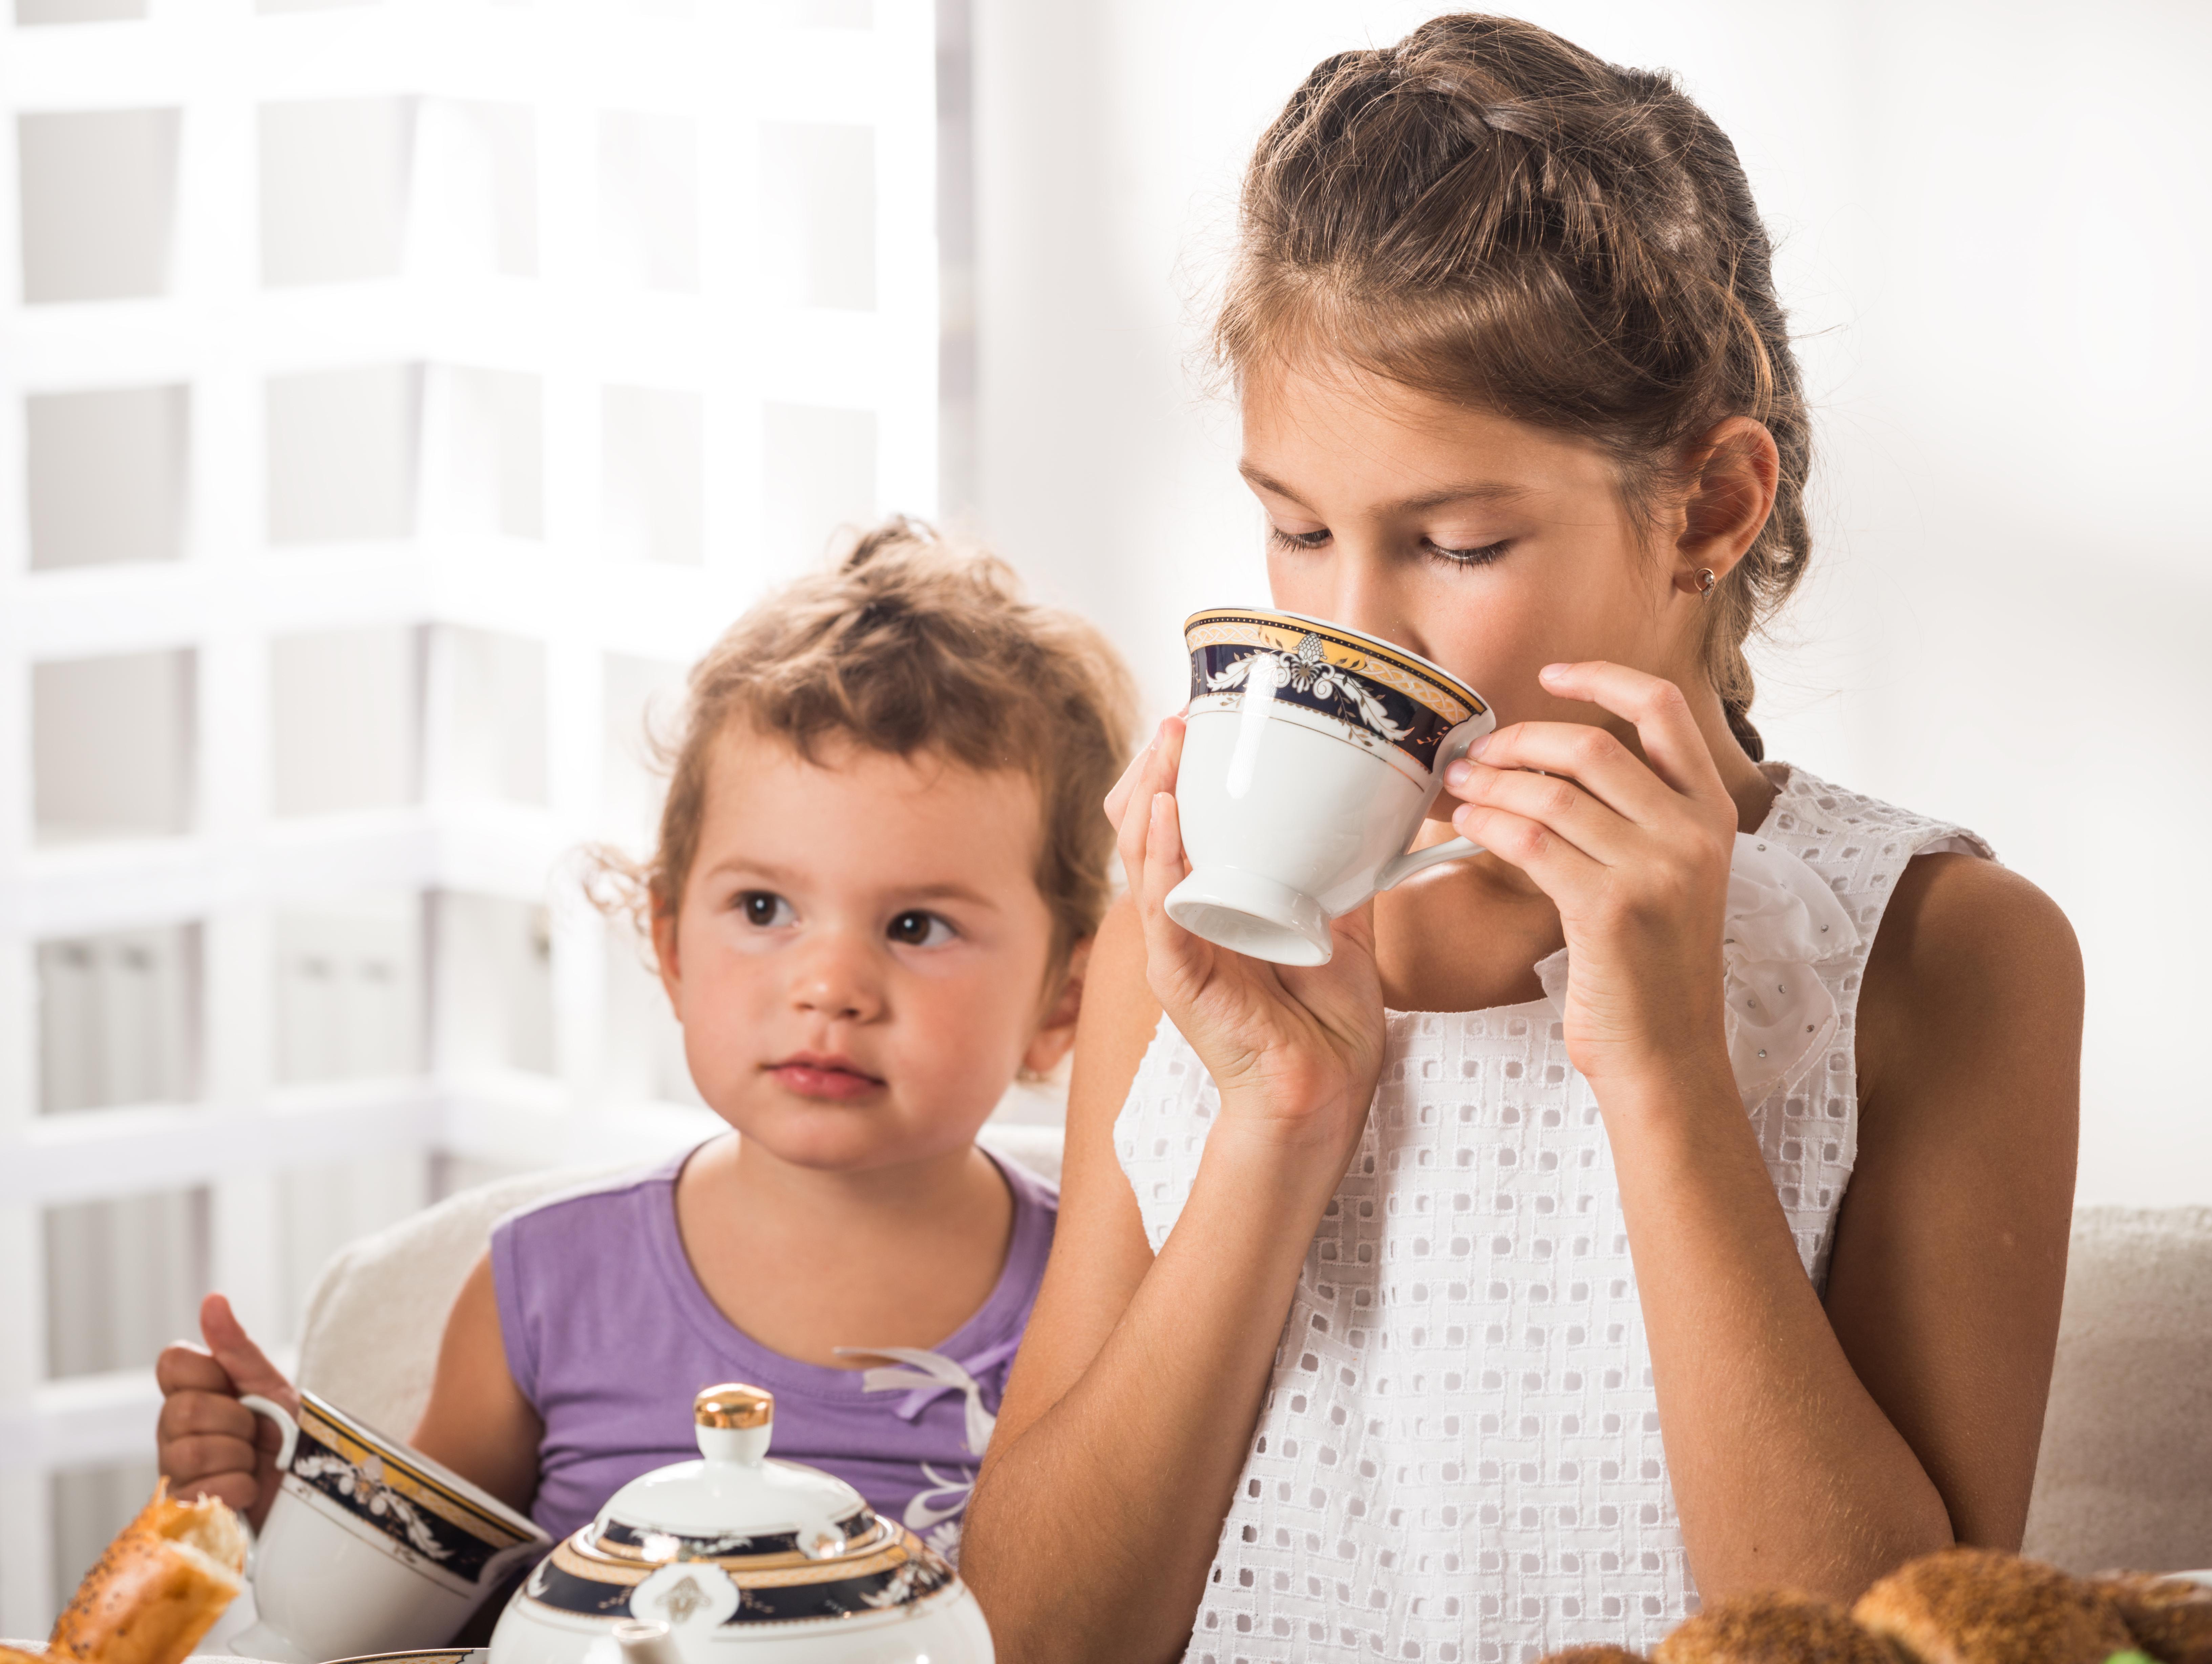 Çocukların bağışıklığını korumaya yardımcı olacak öneriler #2